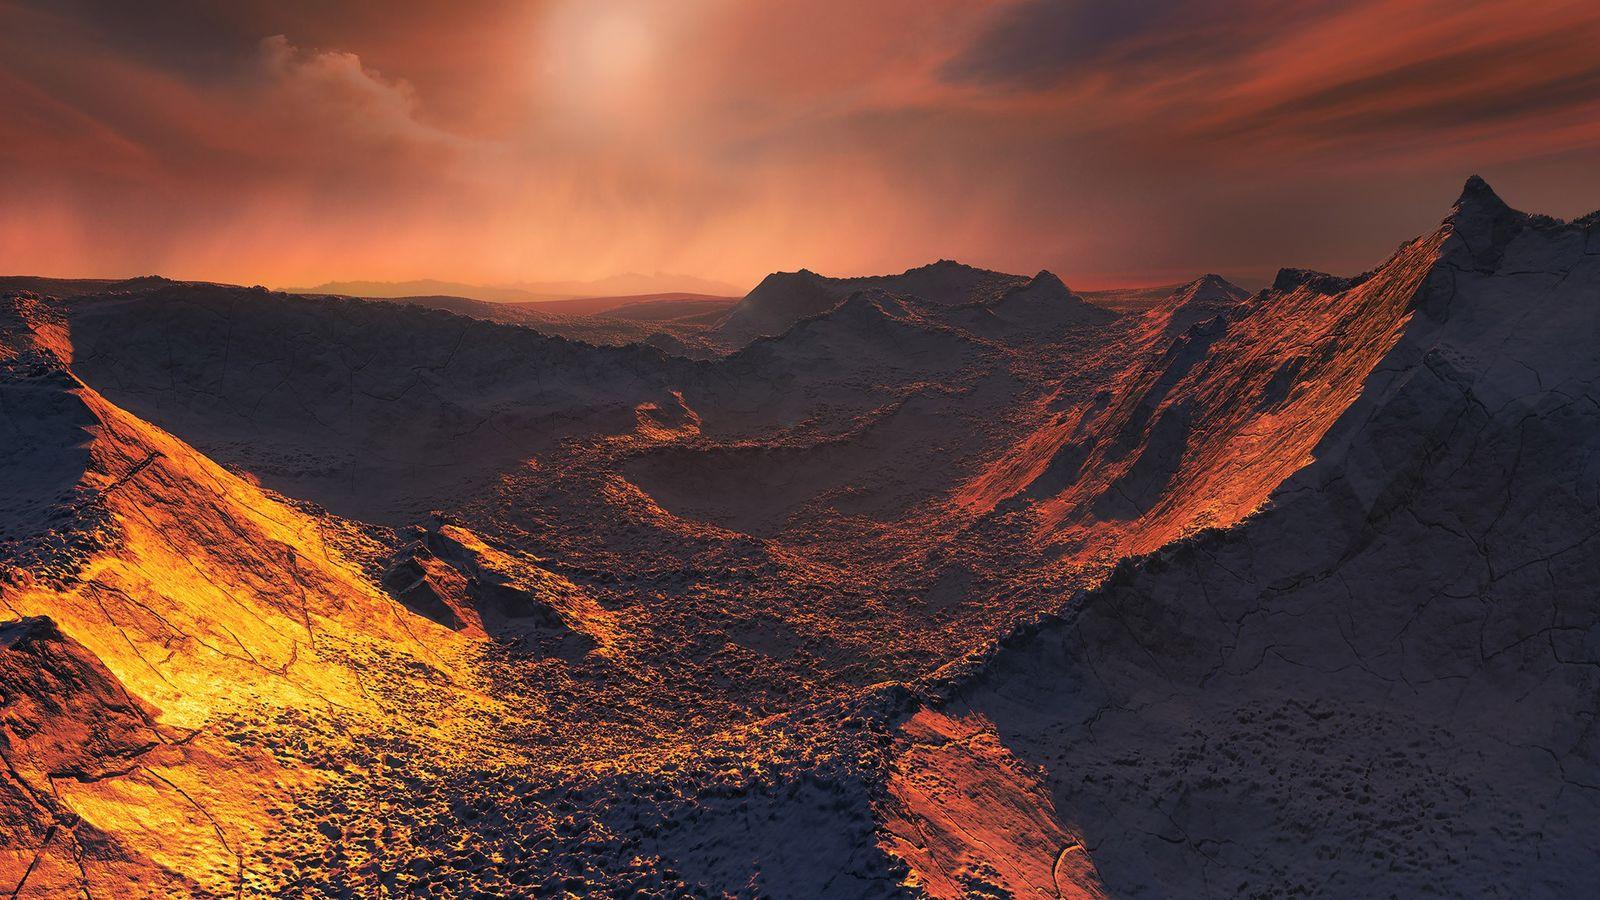 Vue d'artiste représentant une naine rouge peu lumineuse qui s'élève au-dessus du paysage de la planète ...